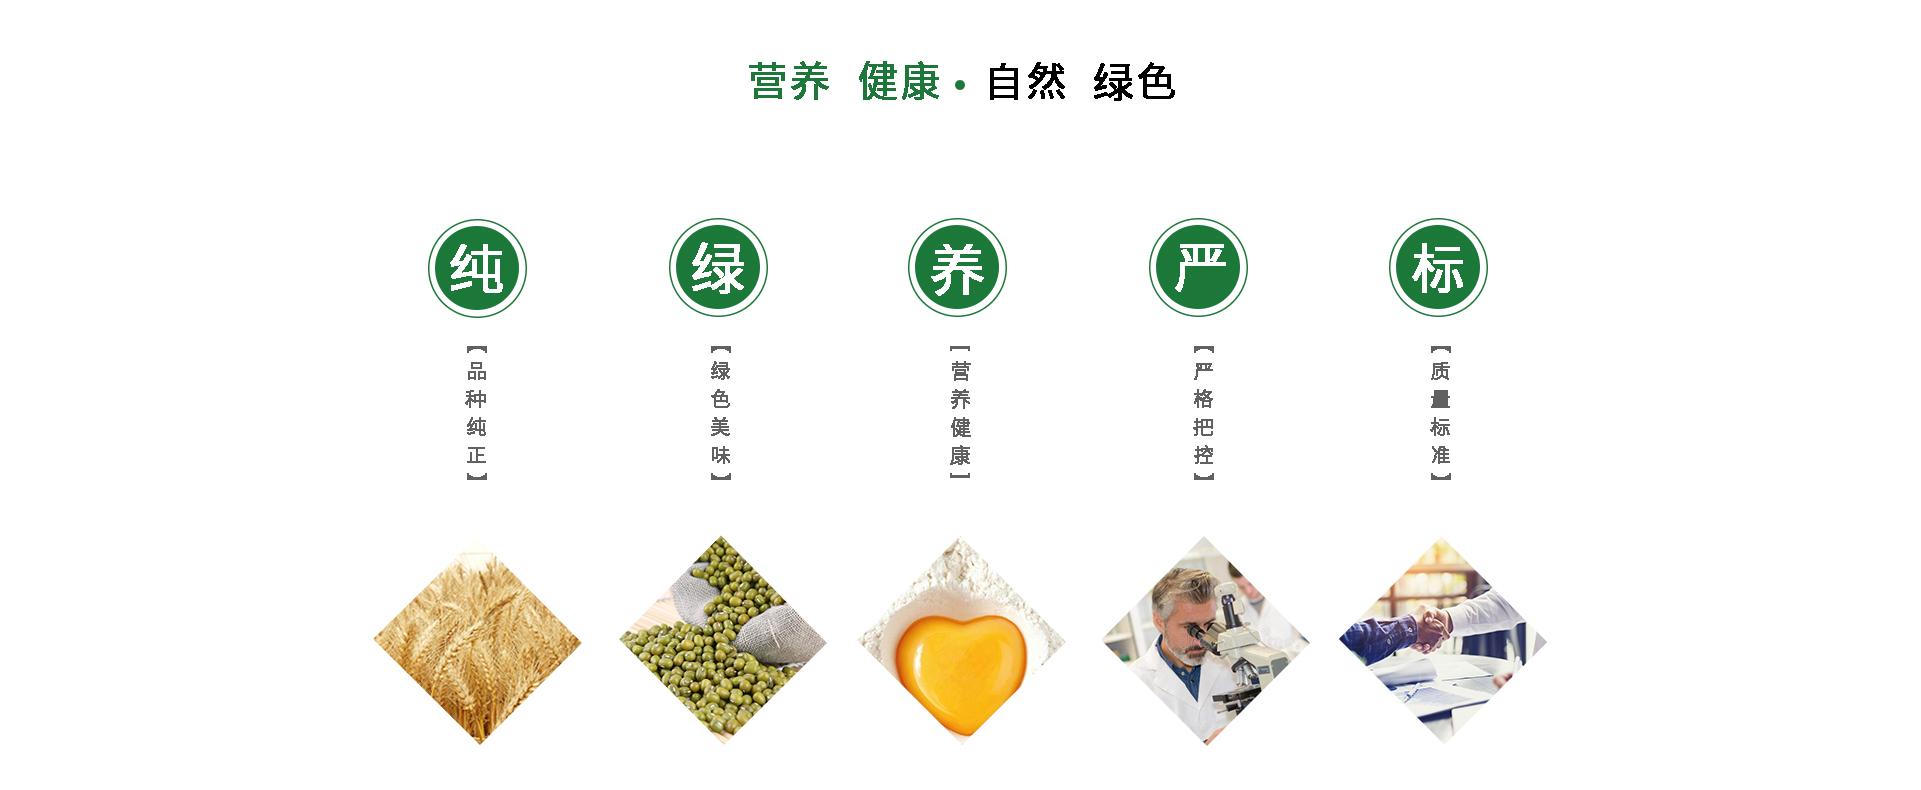 豌豆淀粉,玉米淀粉,马铃薯淀粉,红薯淀粉